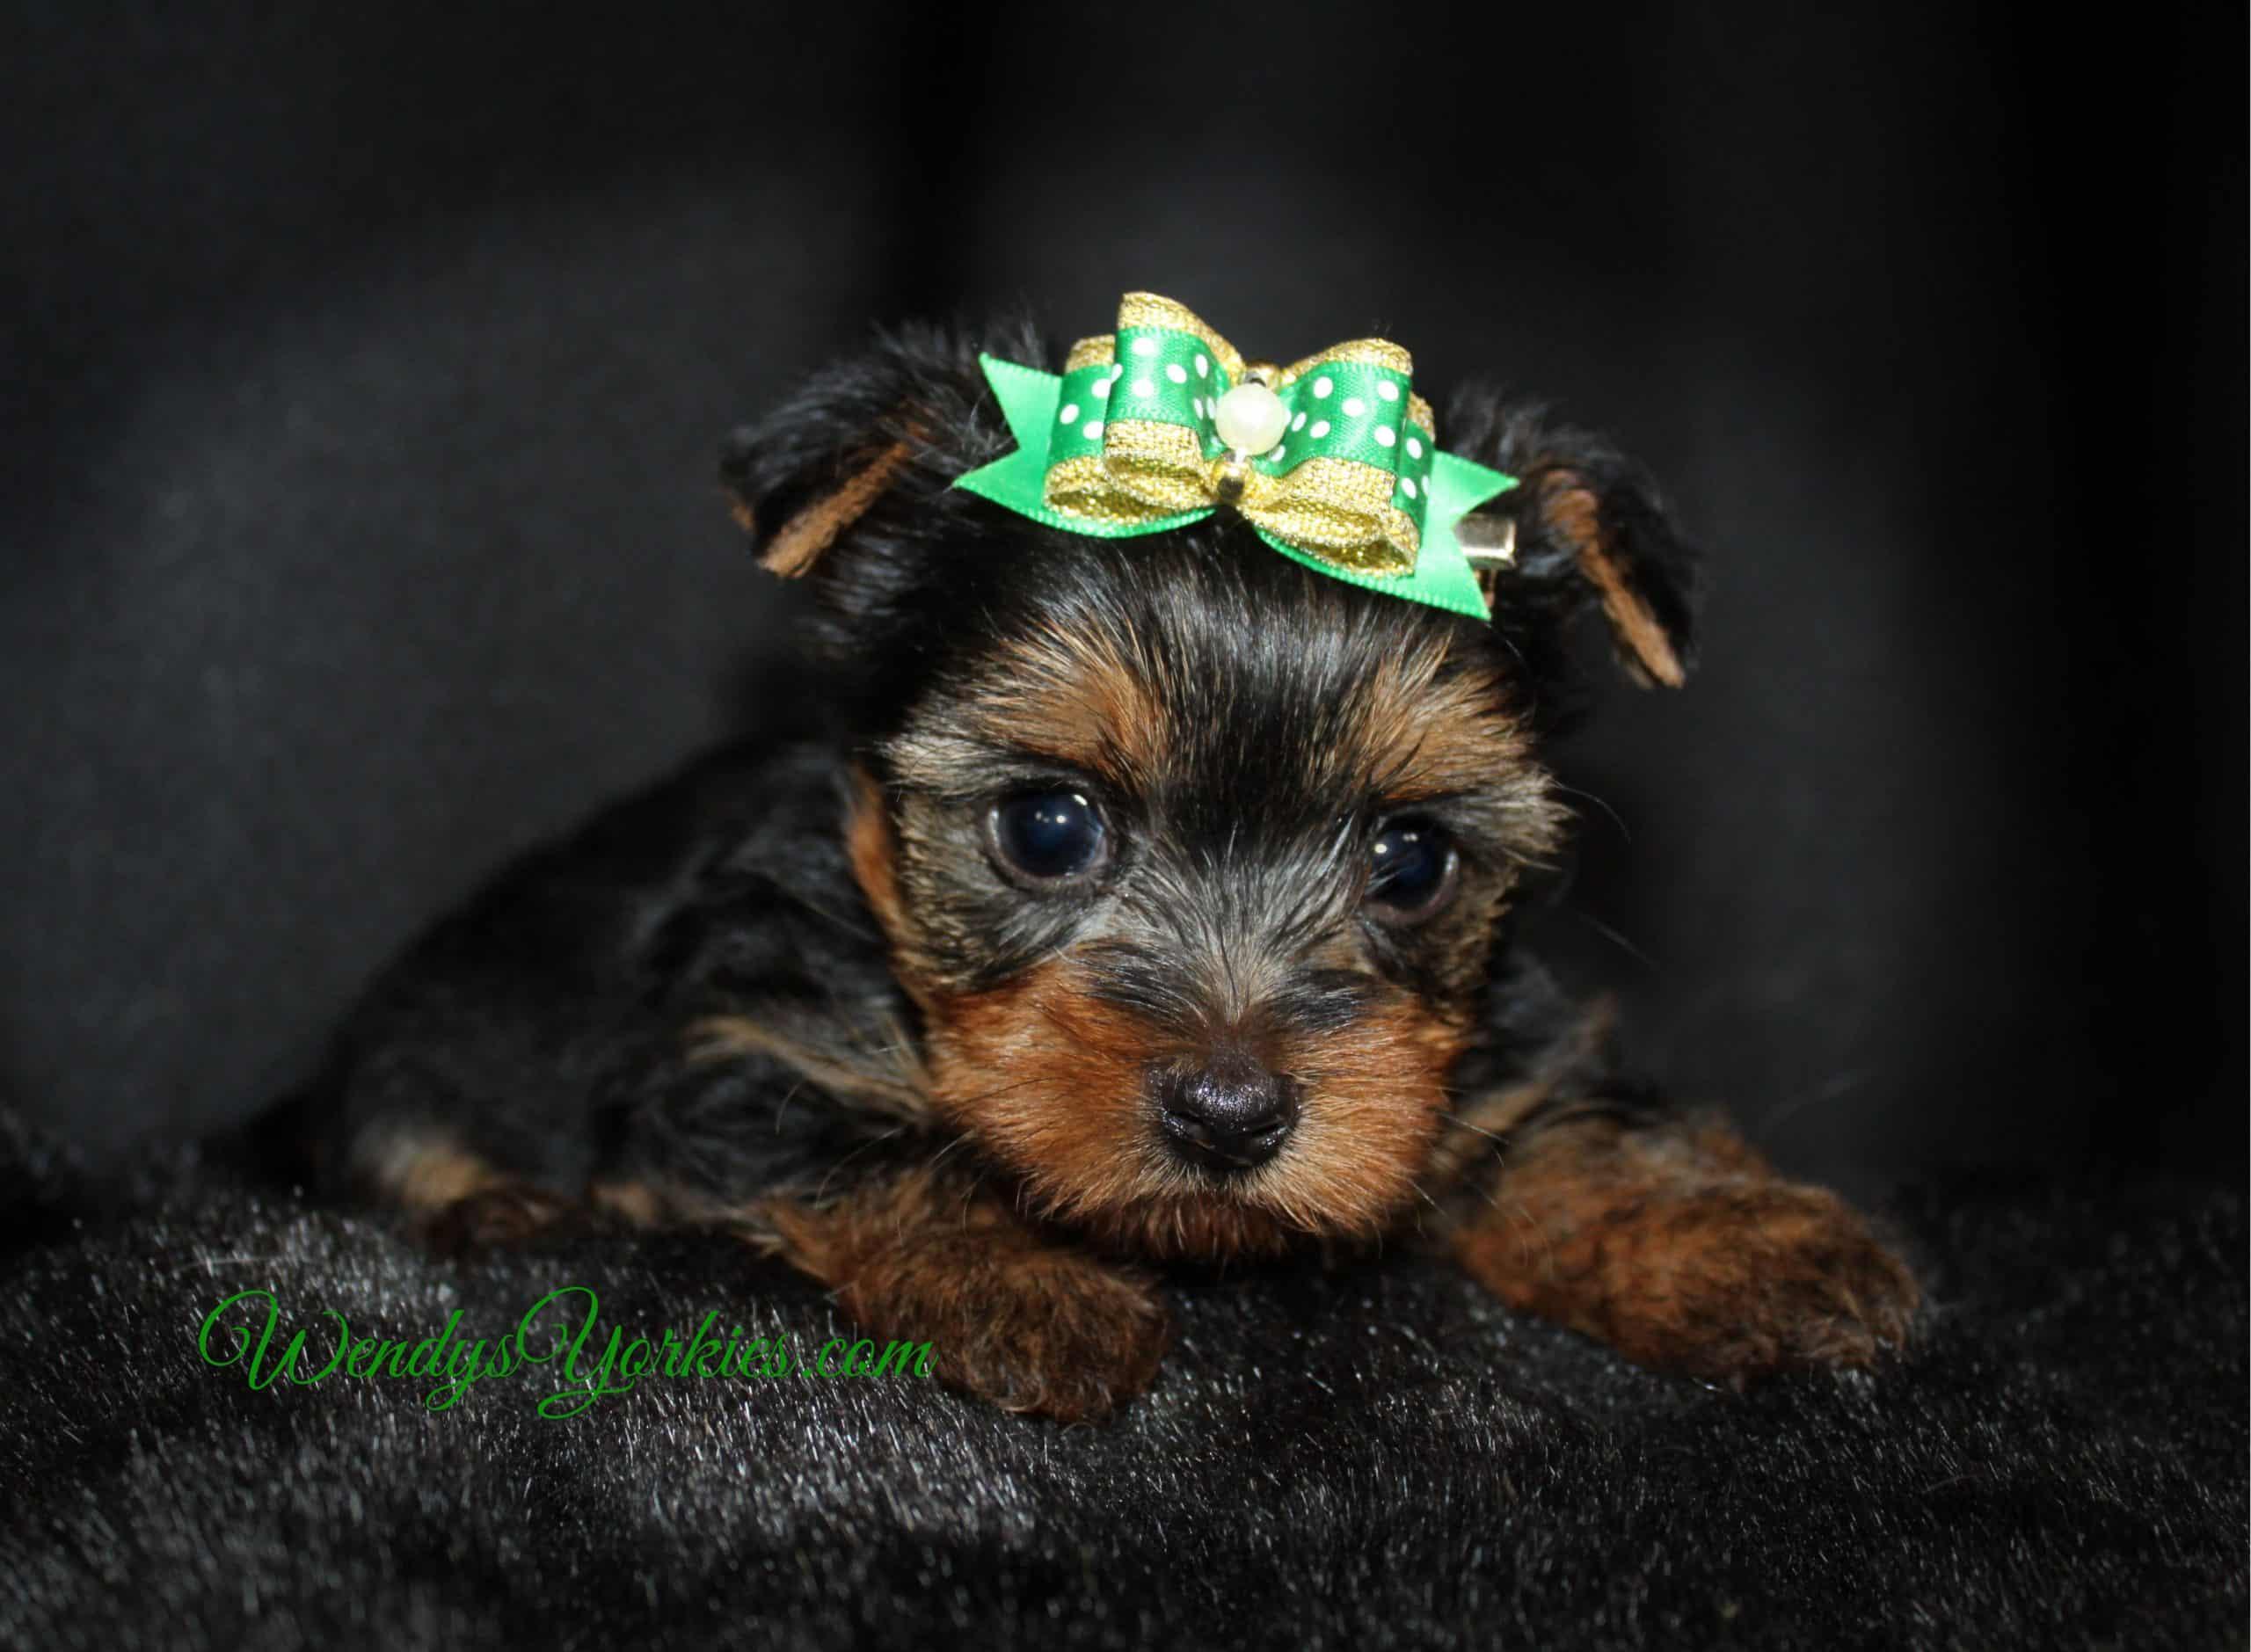 Male yorkie puppy, Mercedes m3, WendysYorkies.com